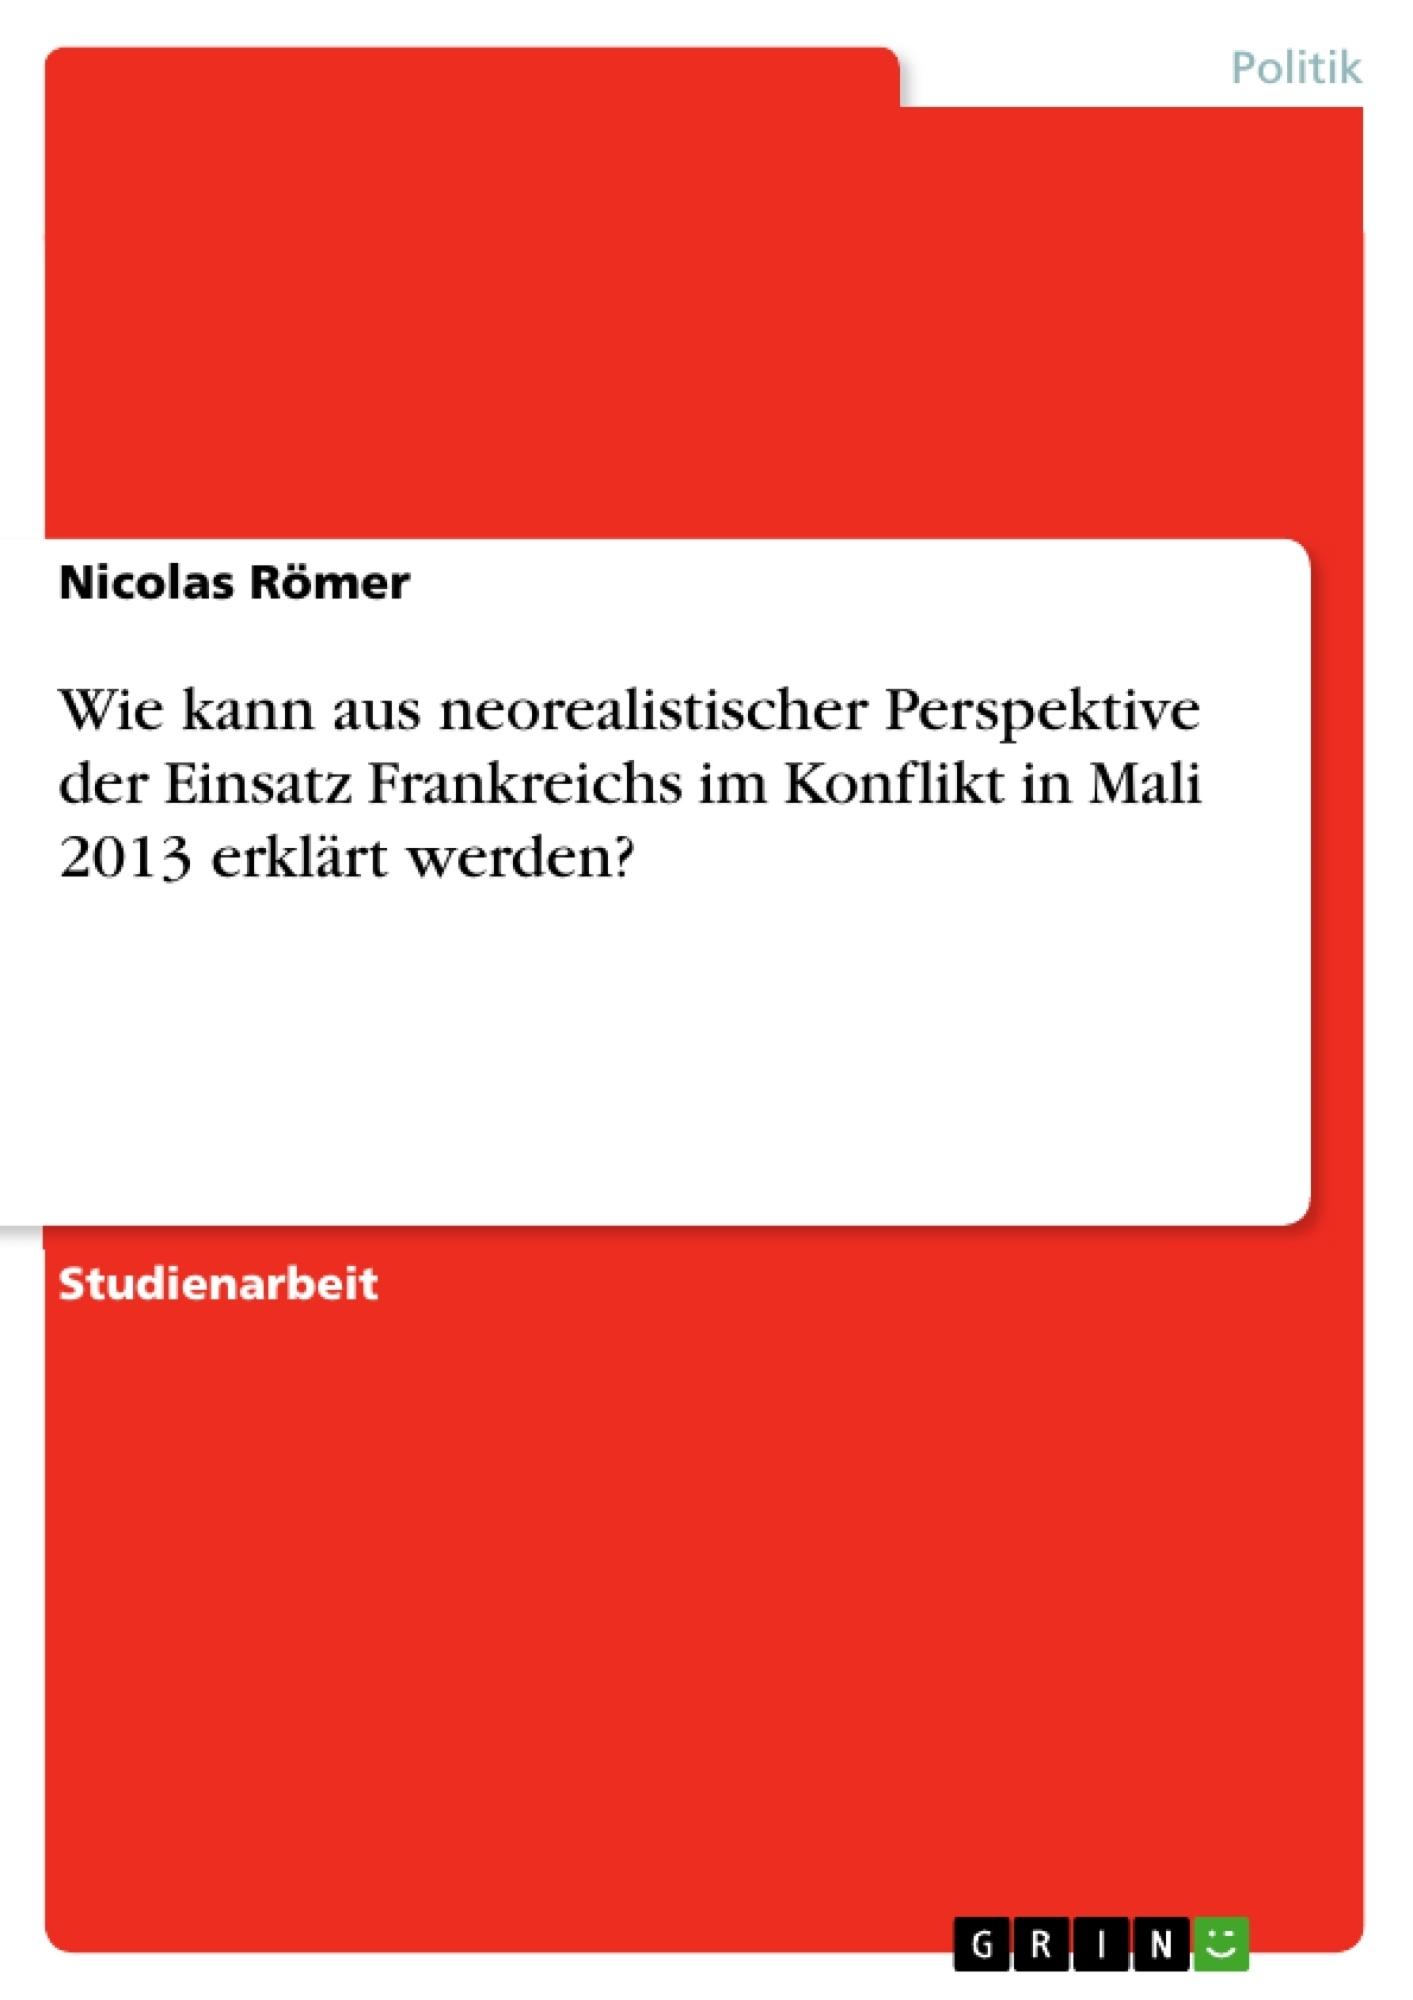 Titel: Wie kann aus neorealistischer Perspektive der Einsatz Frankreichs im Konflikt in Mali 2013 erklärt werden?